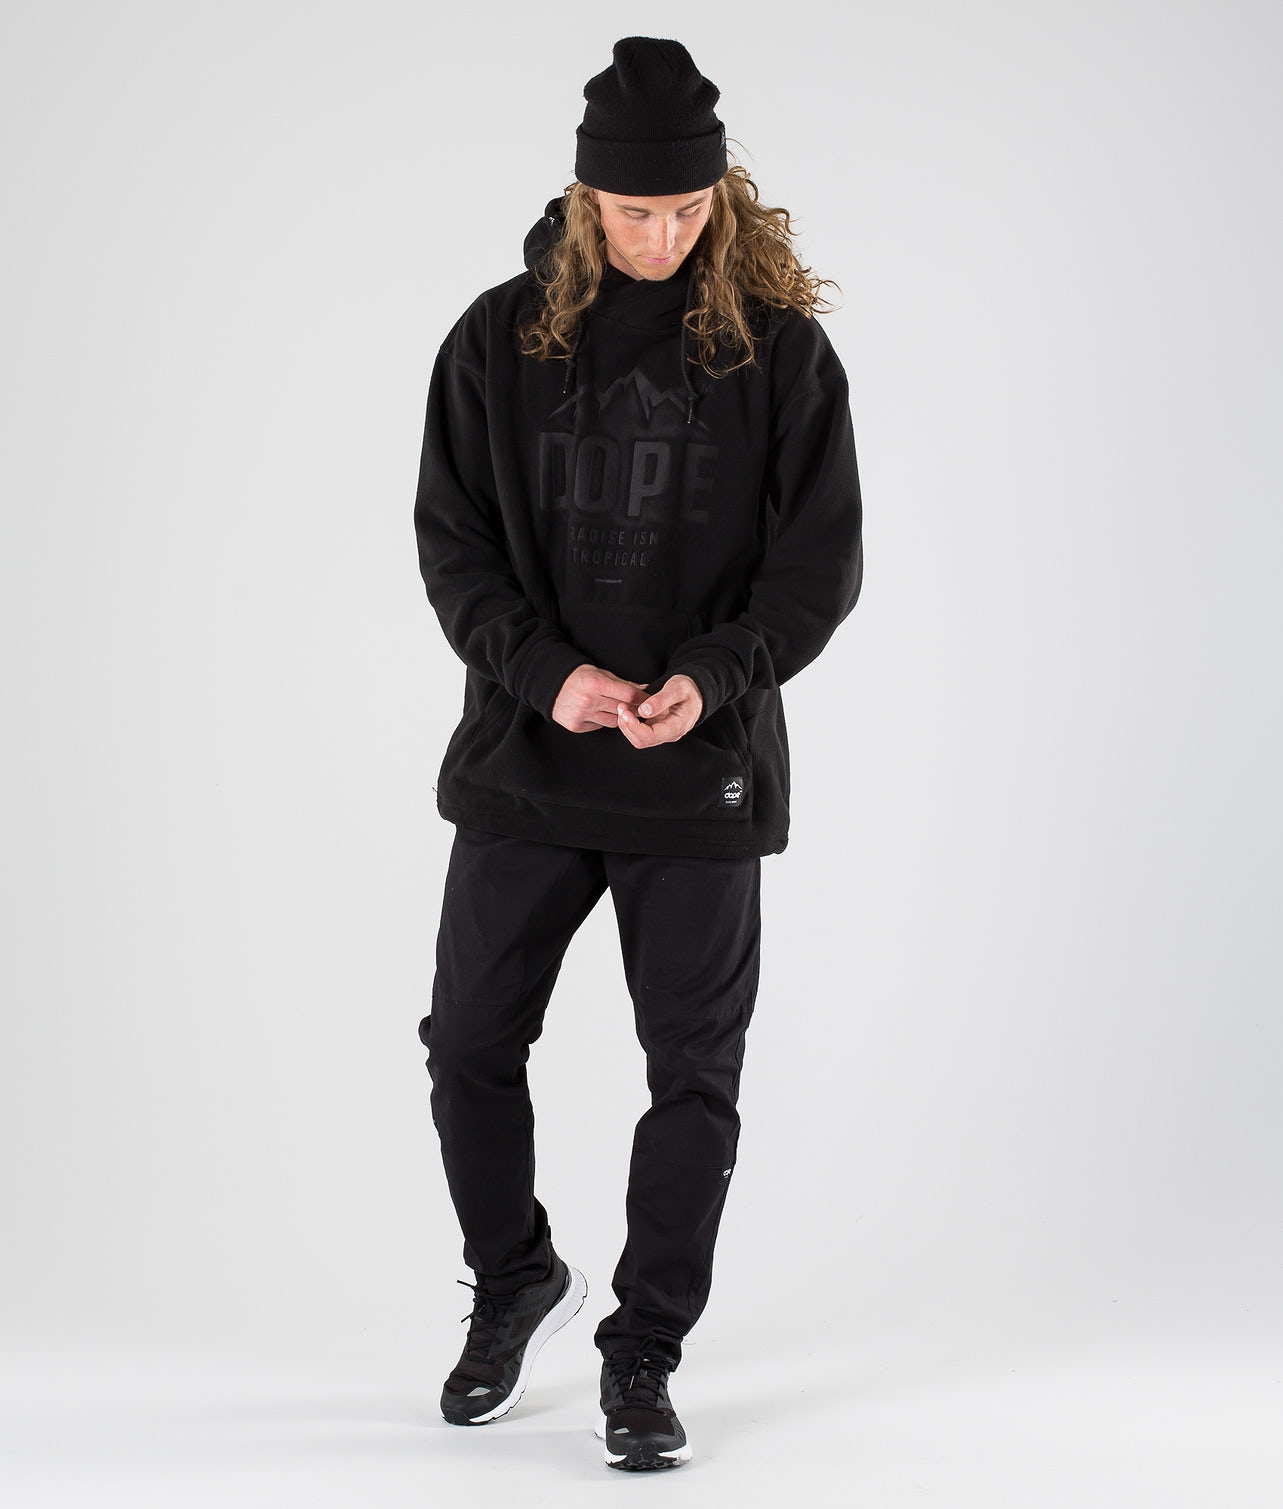 Kjøp Cozy Trøyer Snow fra Dope på Ridestore.no - Hos oss har du alltid fri frakt, fri retur og 30 dagers åpent kjøp!